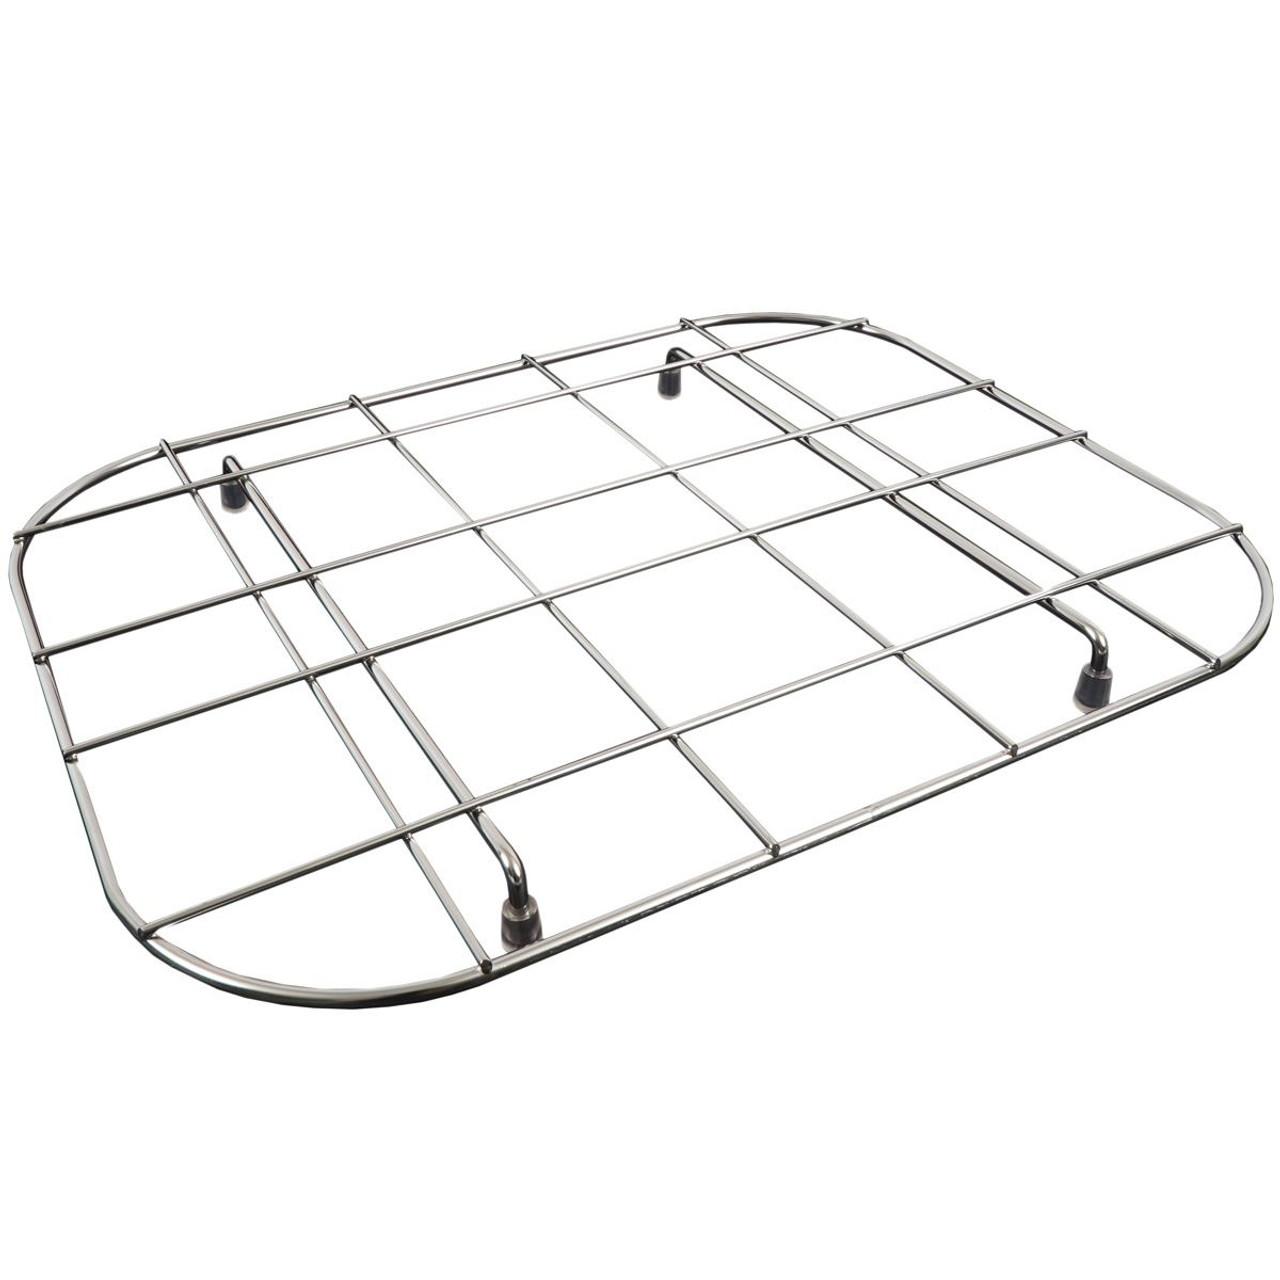 Delfinware Stainless Steel Sink Mat